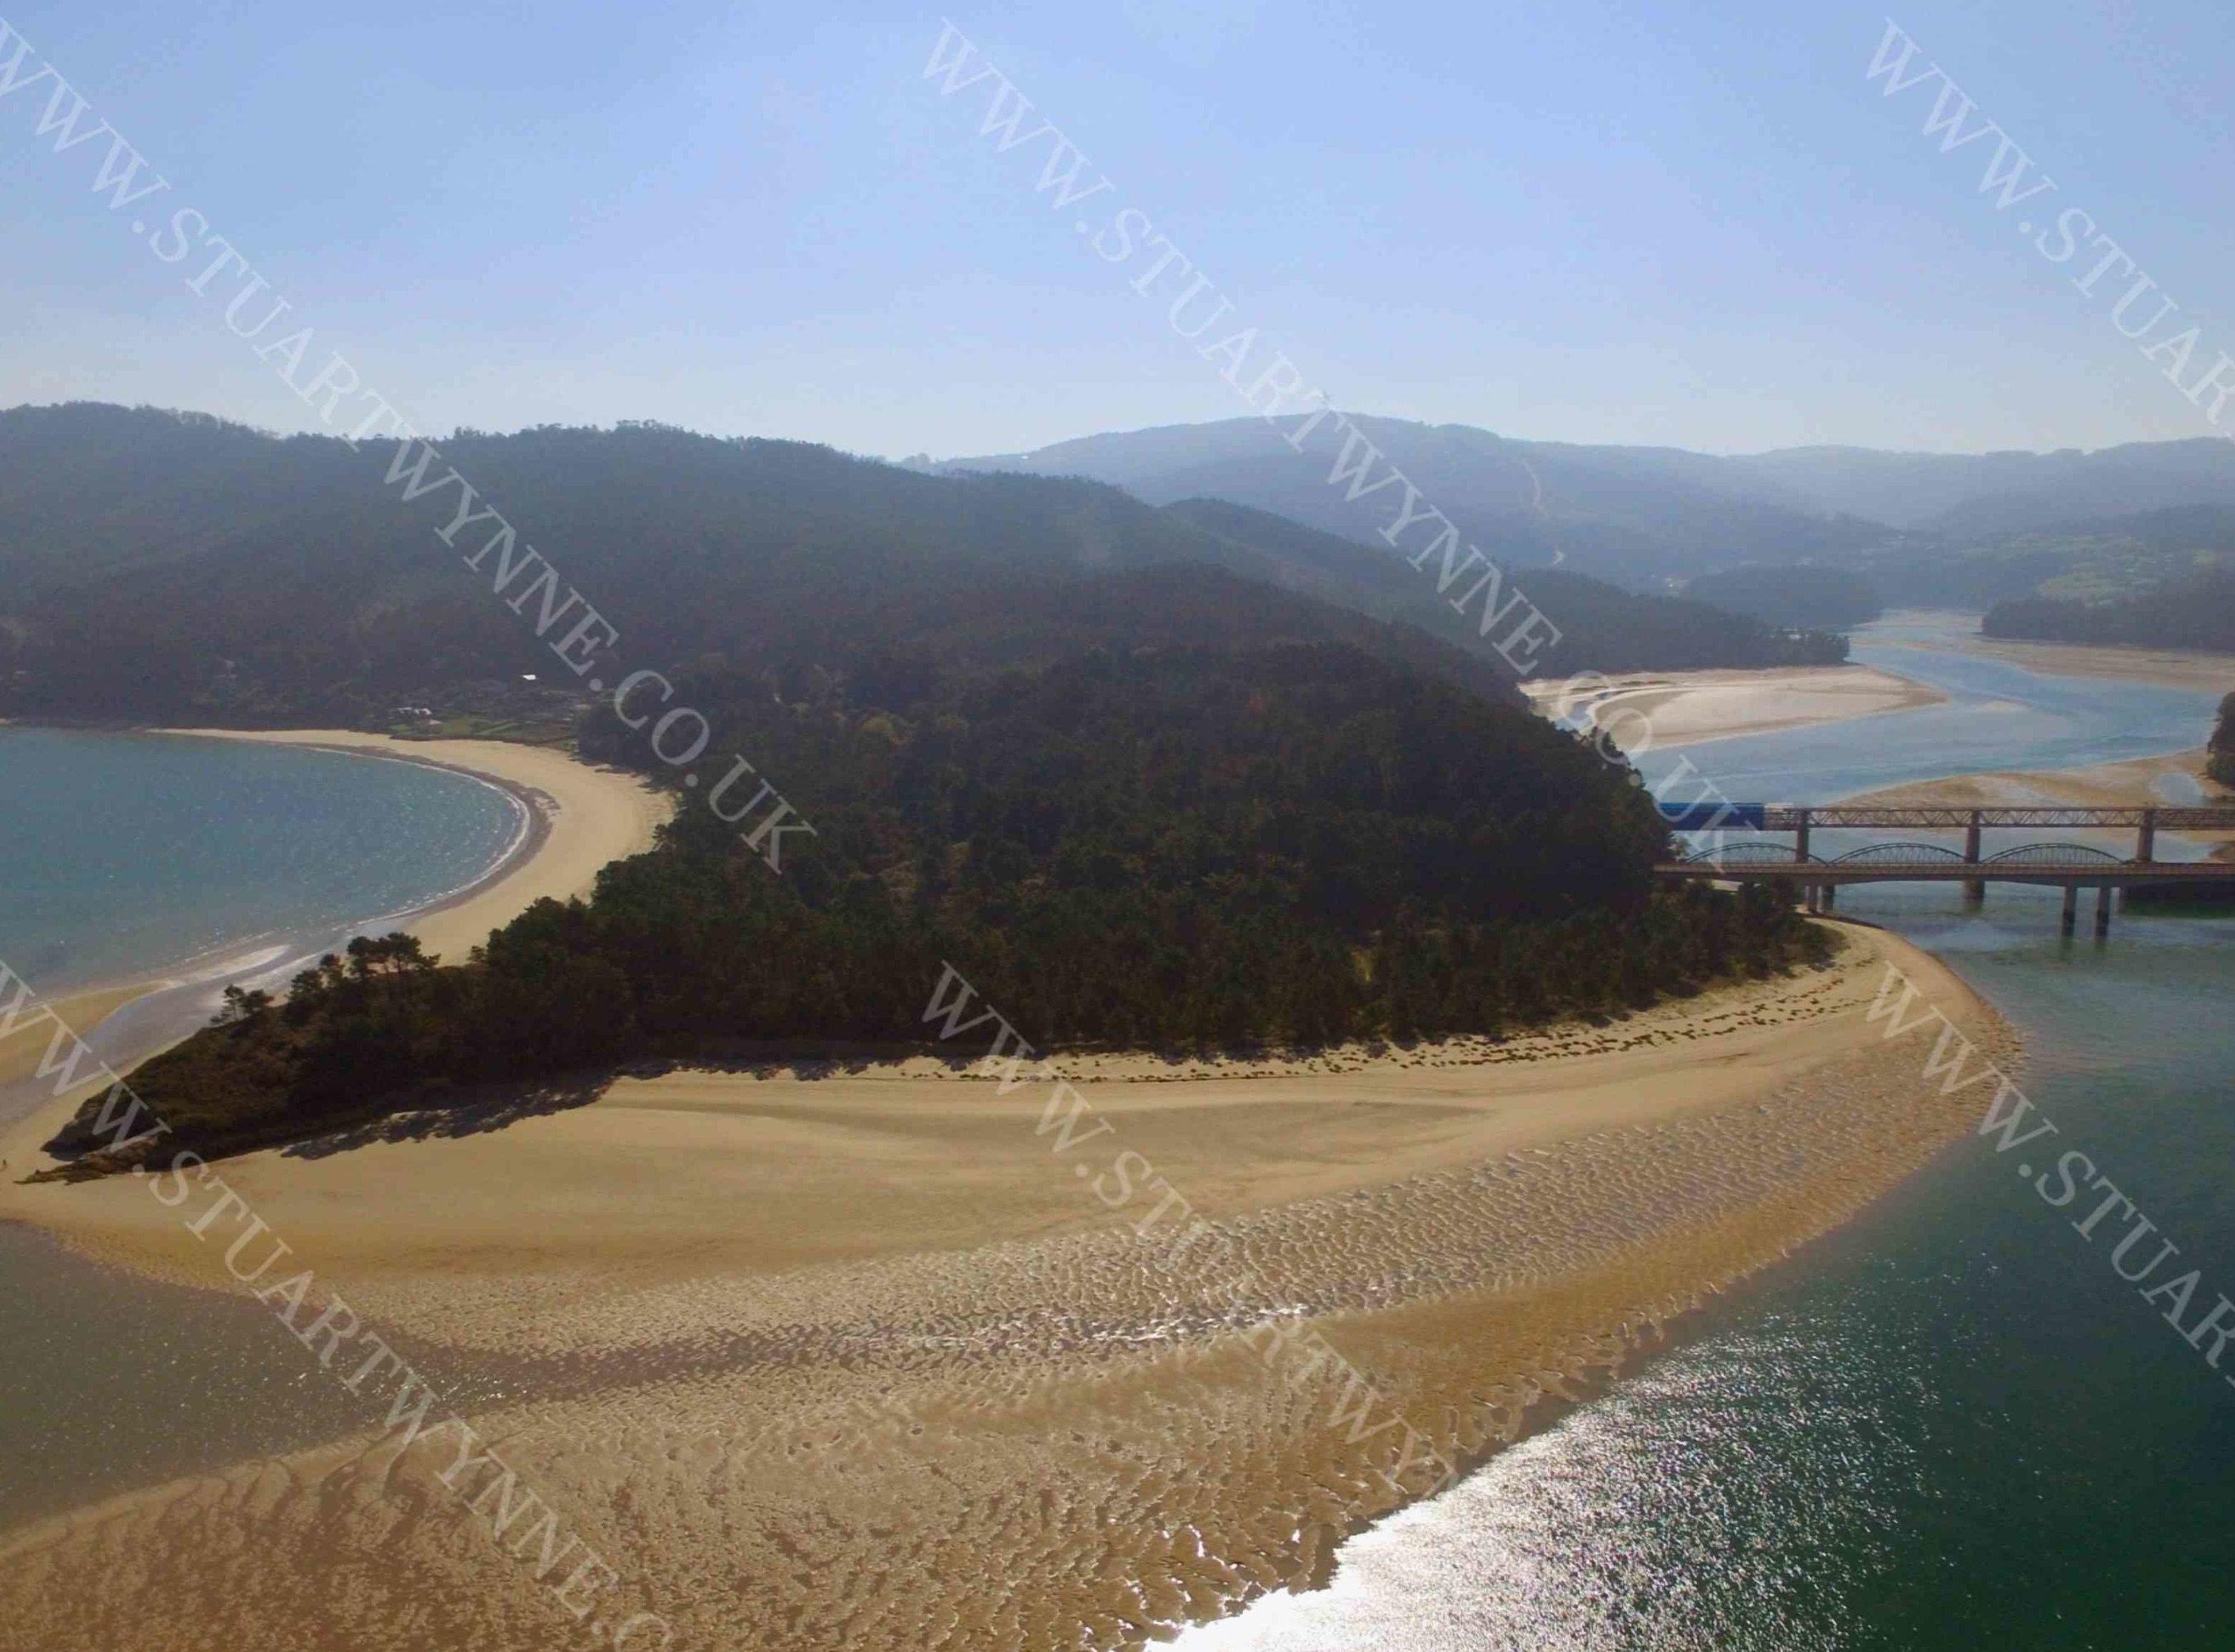 Barquiero Drone Shoot Galicia